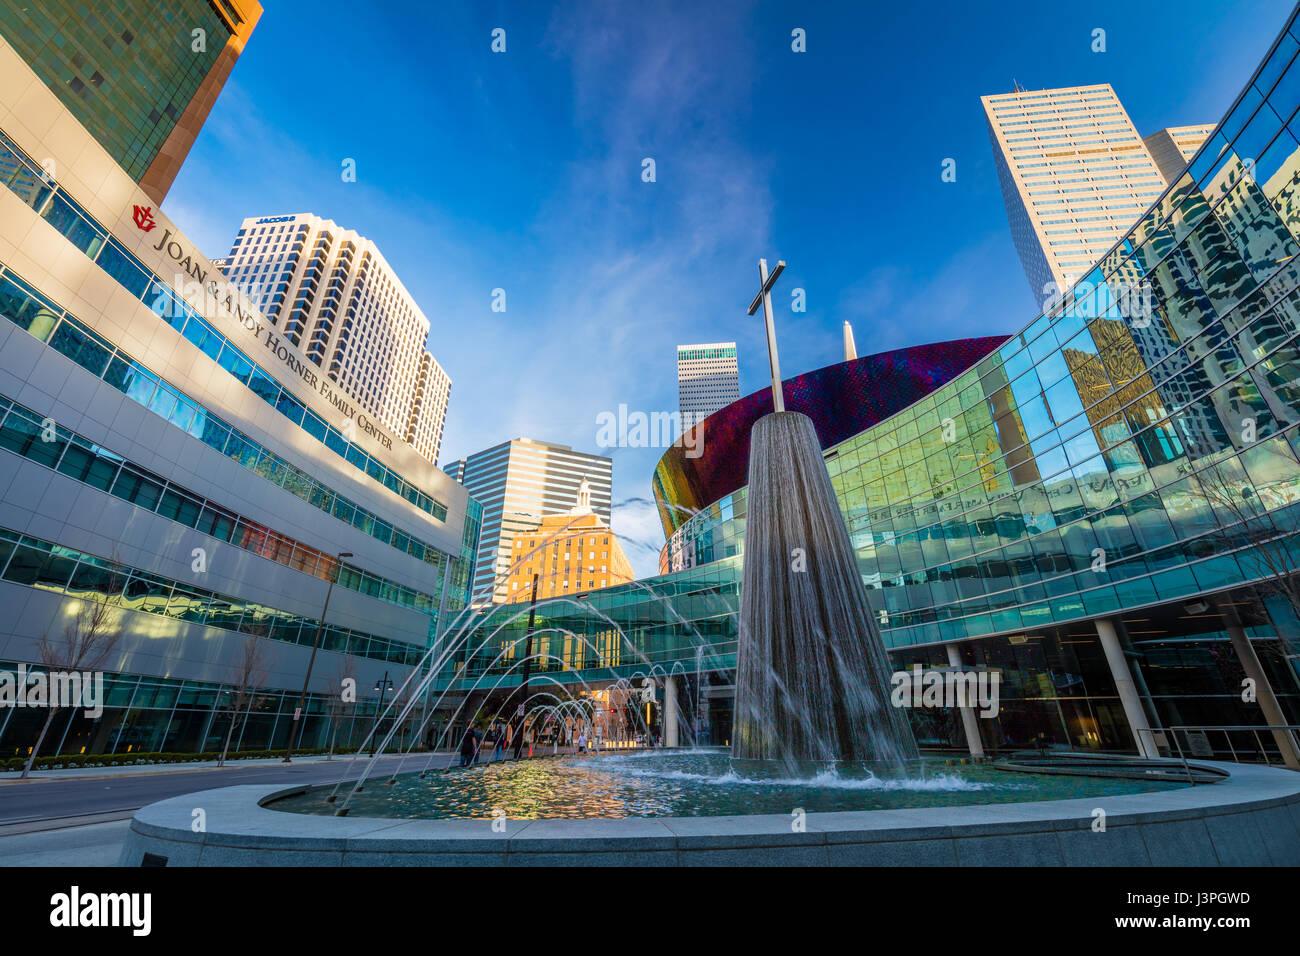 Dallas ist die neunte bevölkerungsreichste Stadt in den Vereinigten Staaten von Amerika und die drittgrößte Stockbild